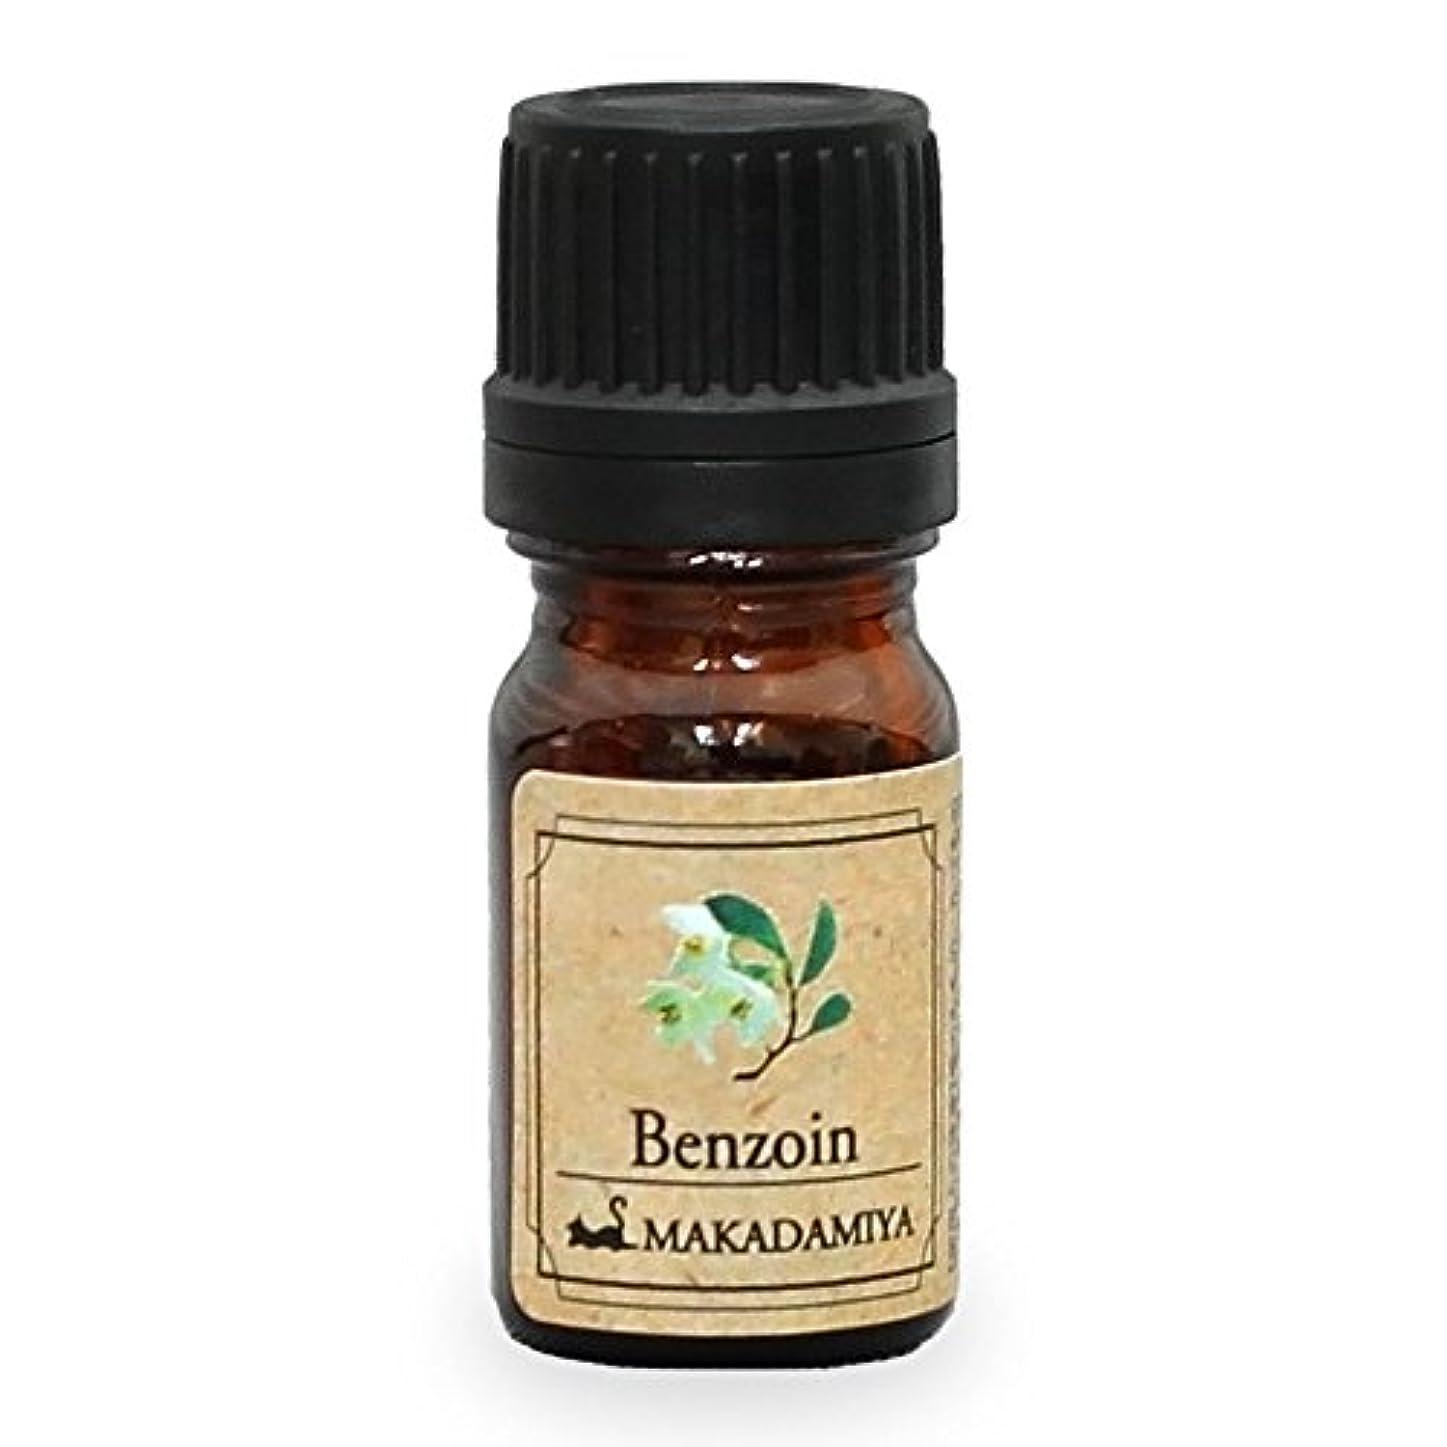 ランクロッカー機械ベンゾイン5ml天然100%植物性エッセンシャルオイル(精油)アロマオイルアロママッサージアロマテラピーaroma Benzoin